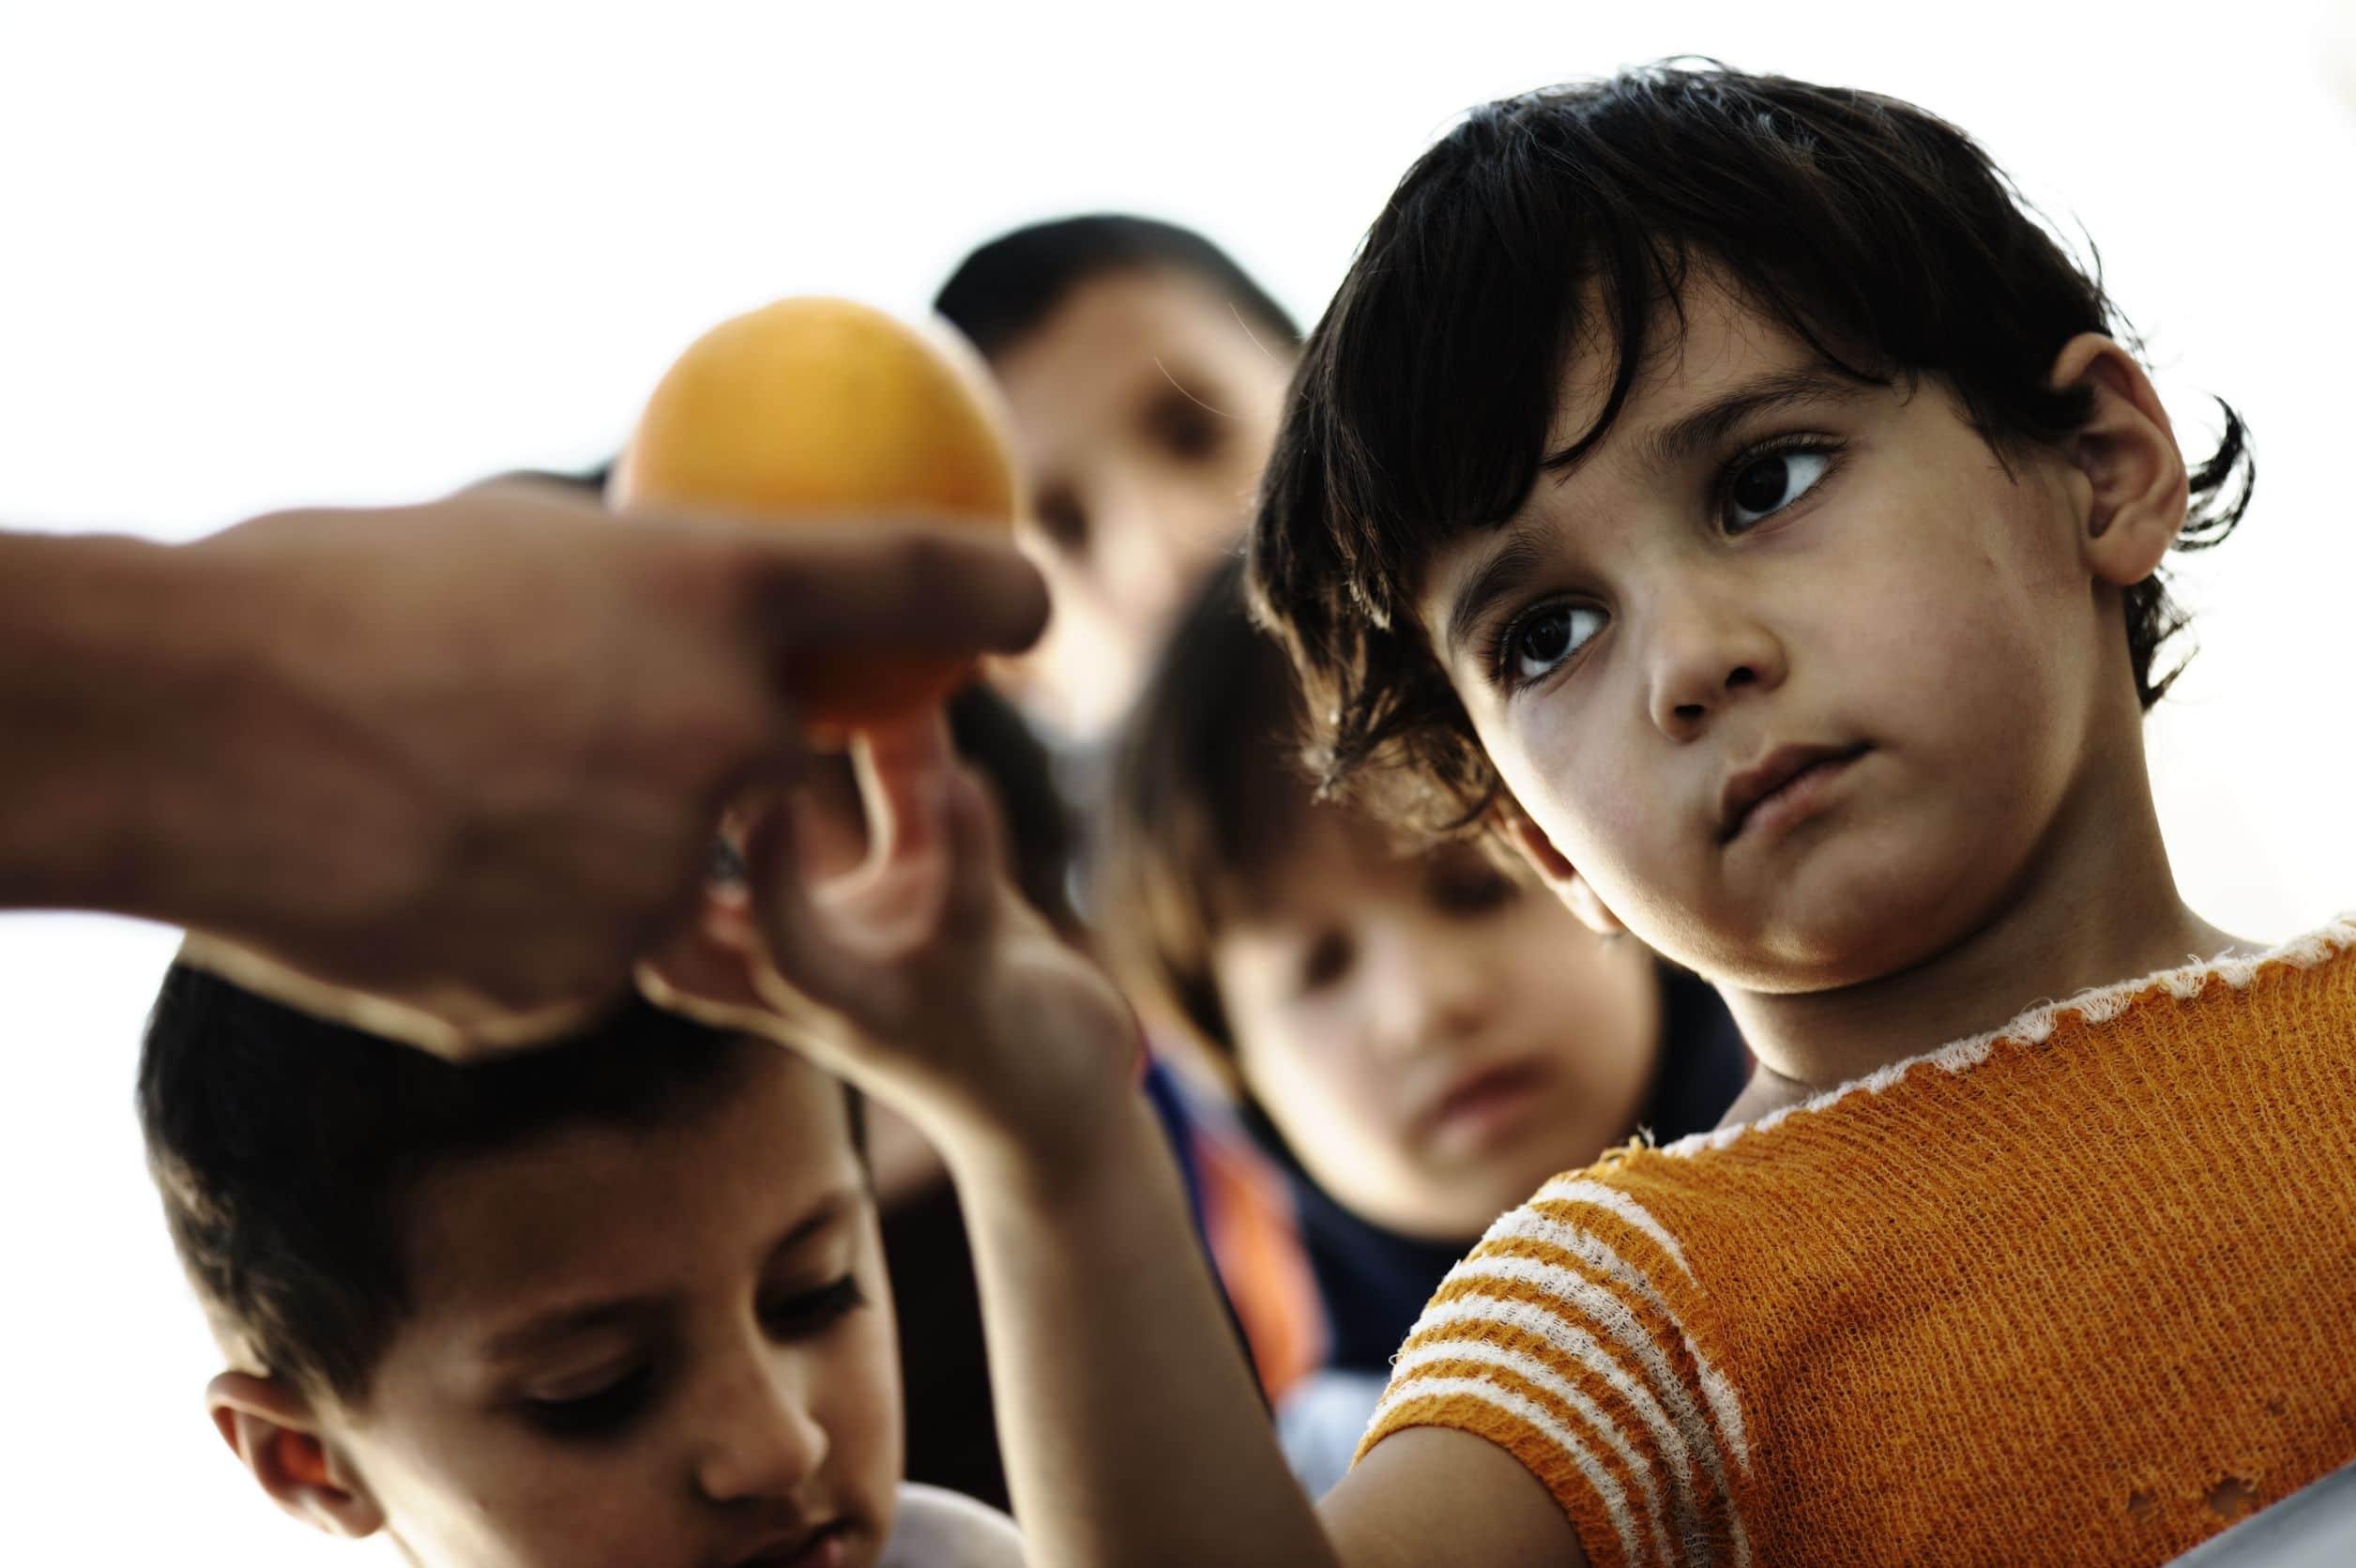 Fila de crianças carentes tristes e cabisbaixas, com a primeira criança da fila recebendo uma laranja da mão de um adulto.